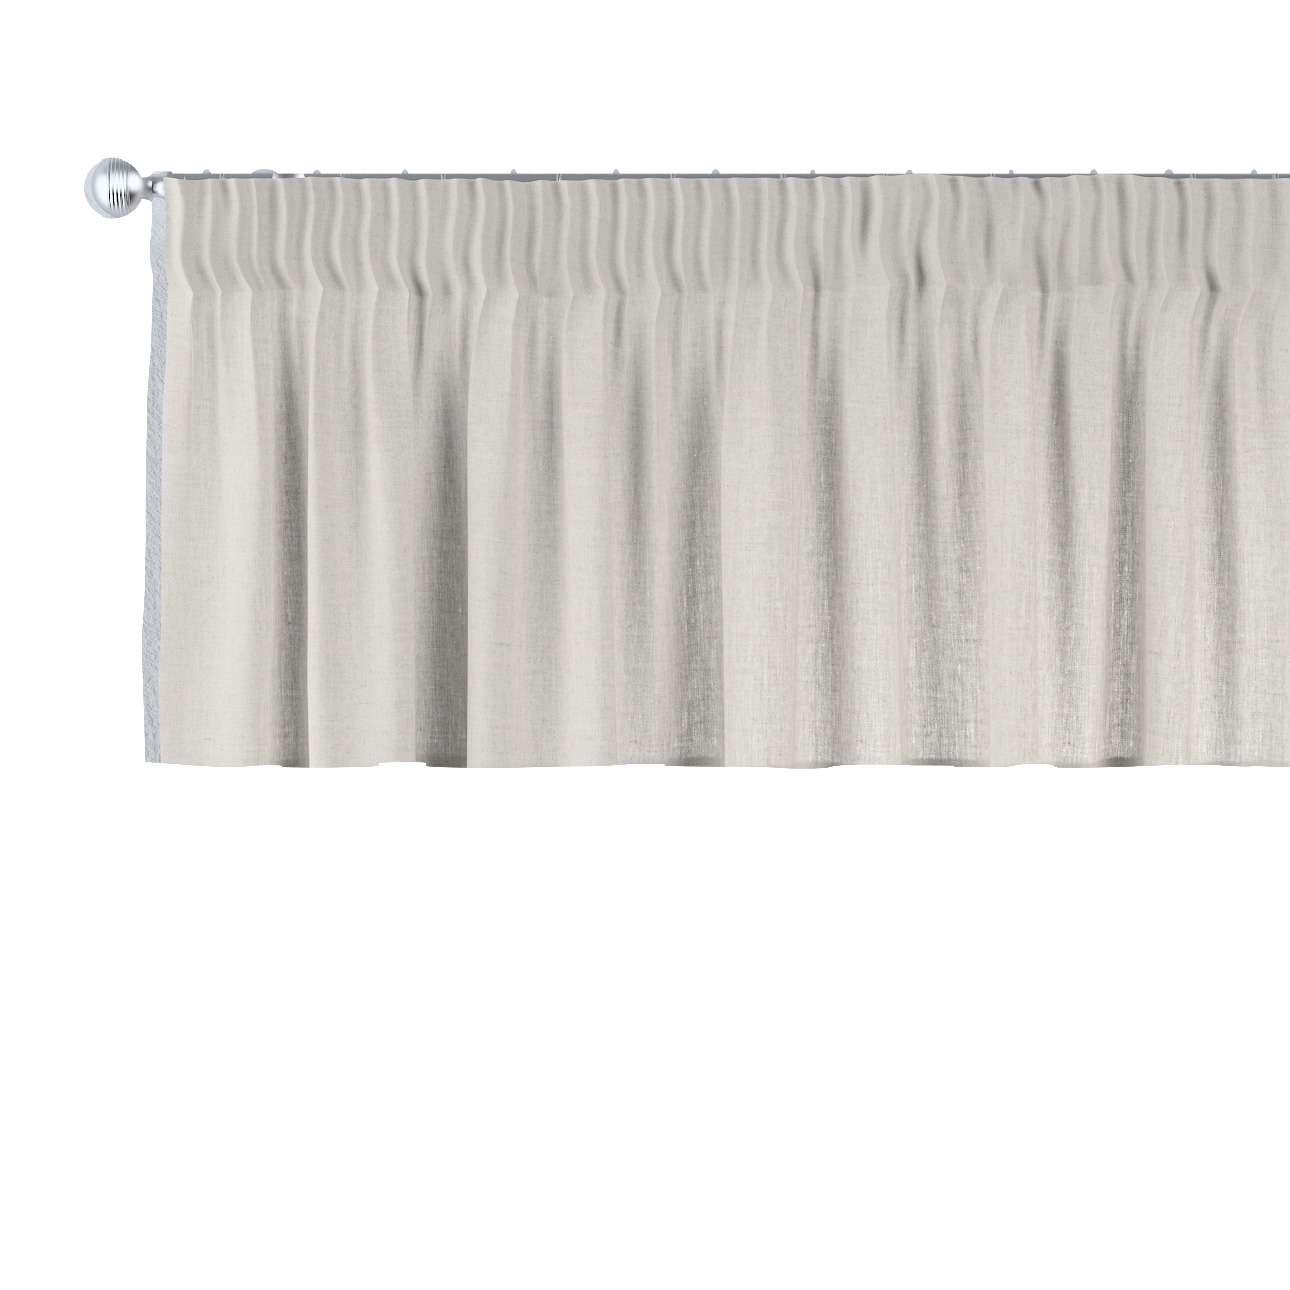 Lambrekin na taśmie marszczącej w kolekcji Linen, tkanina: 159-07